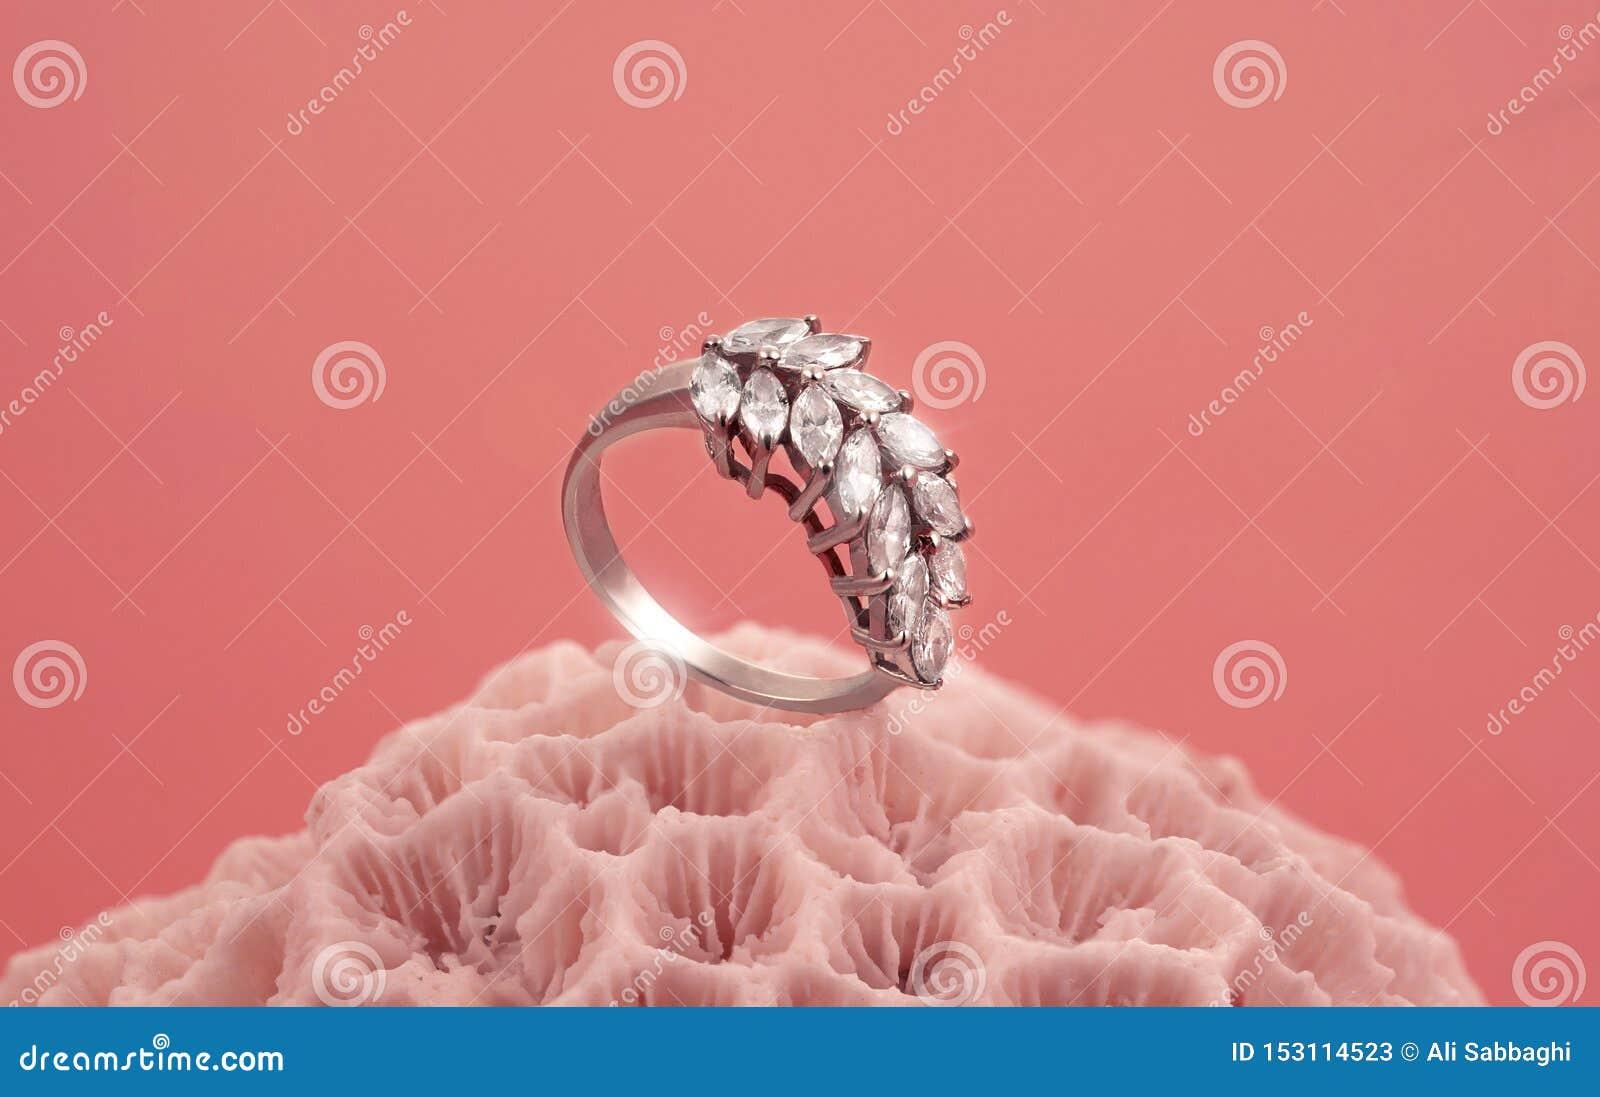 Glänzender Ring auf dem korallenroten Stein